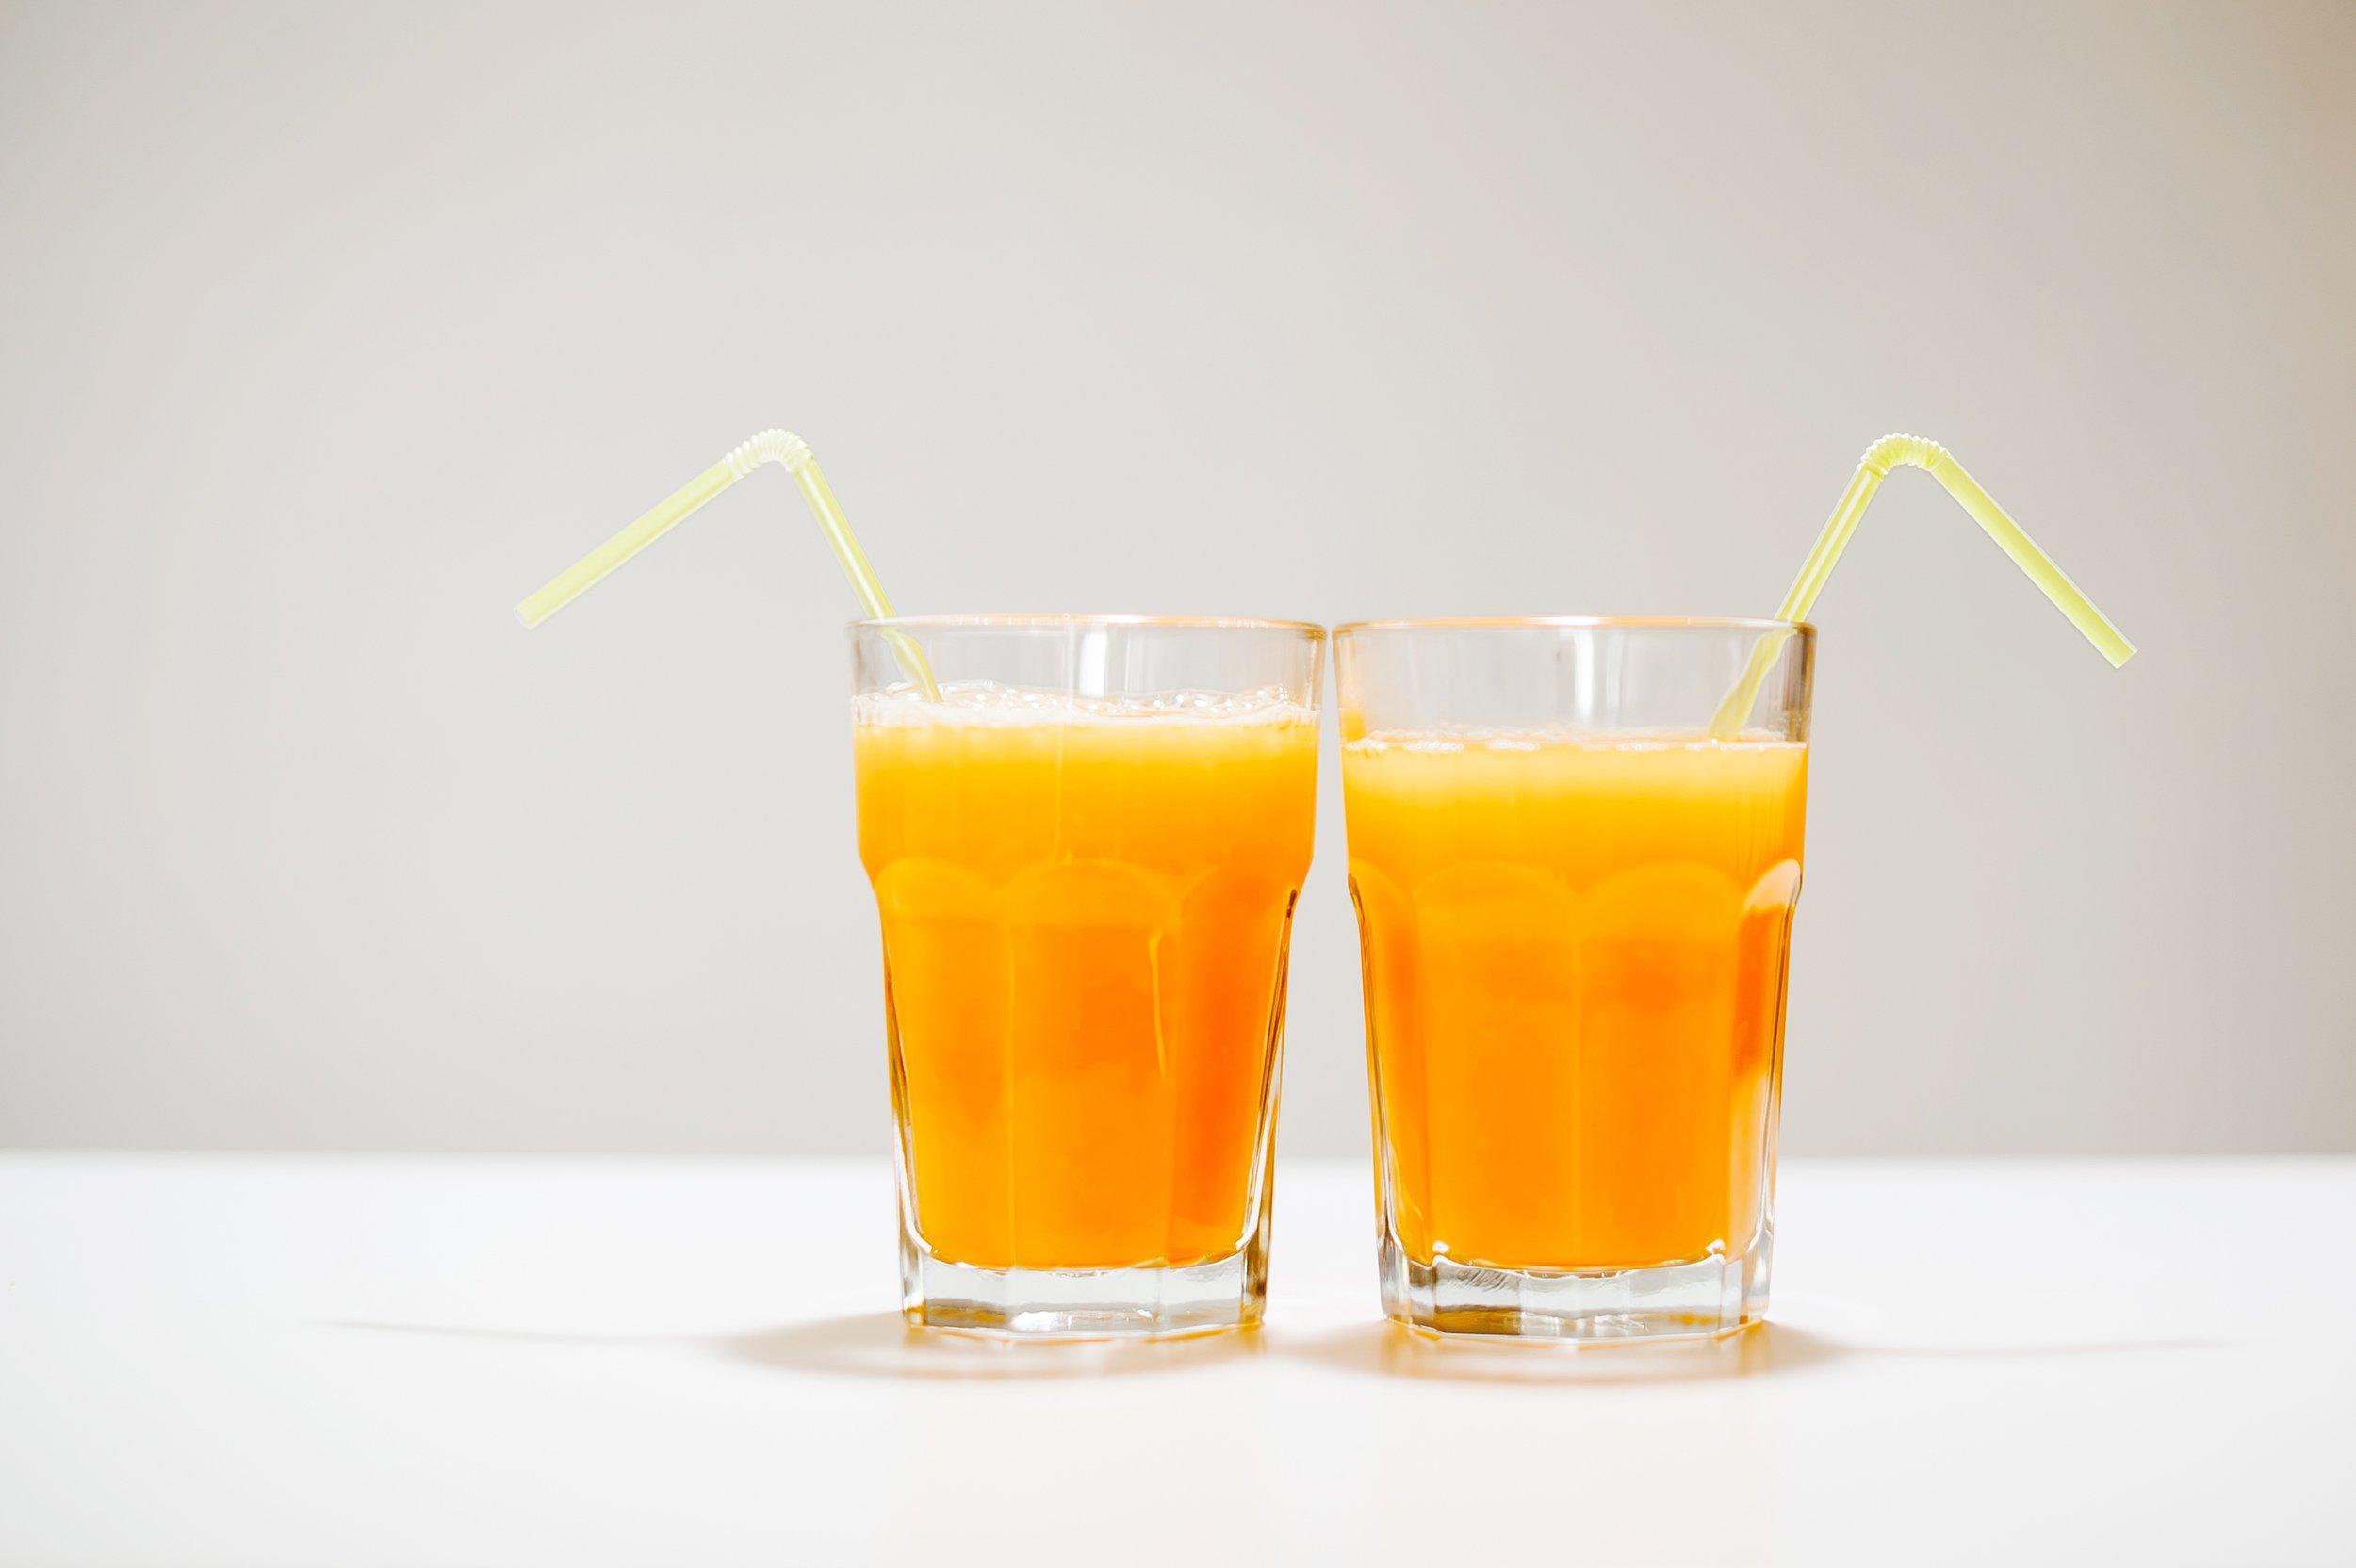 Pediatricians say no juice before 1